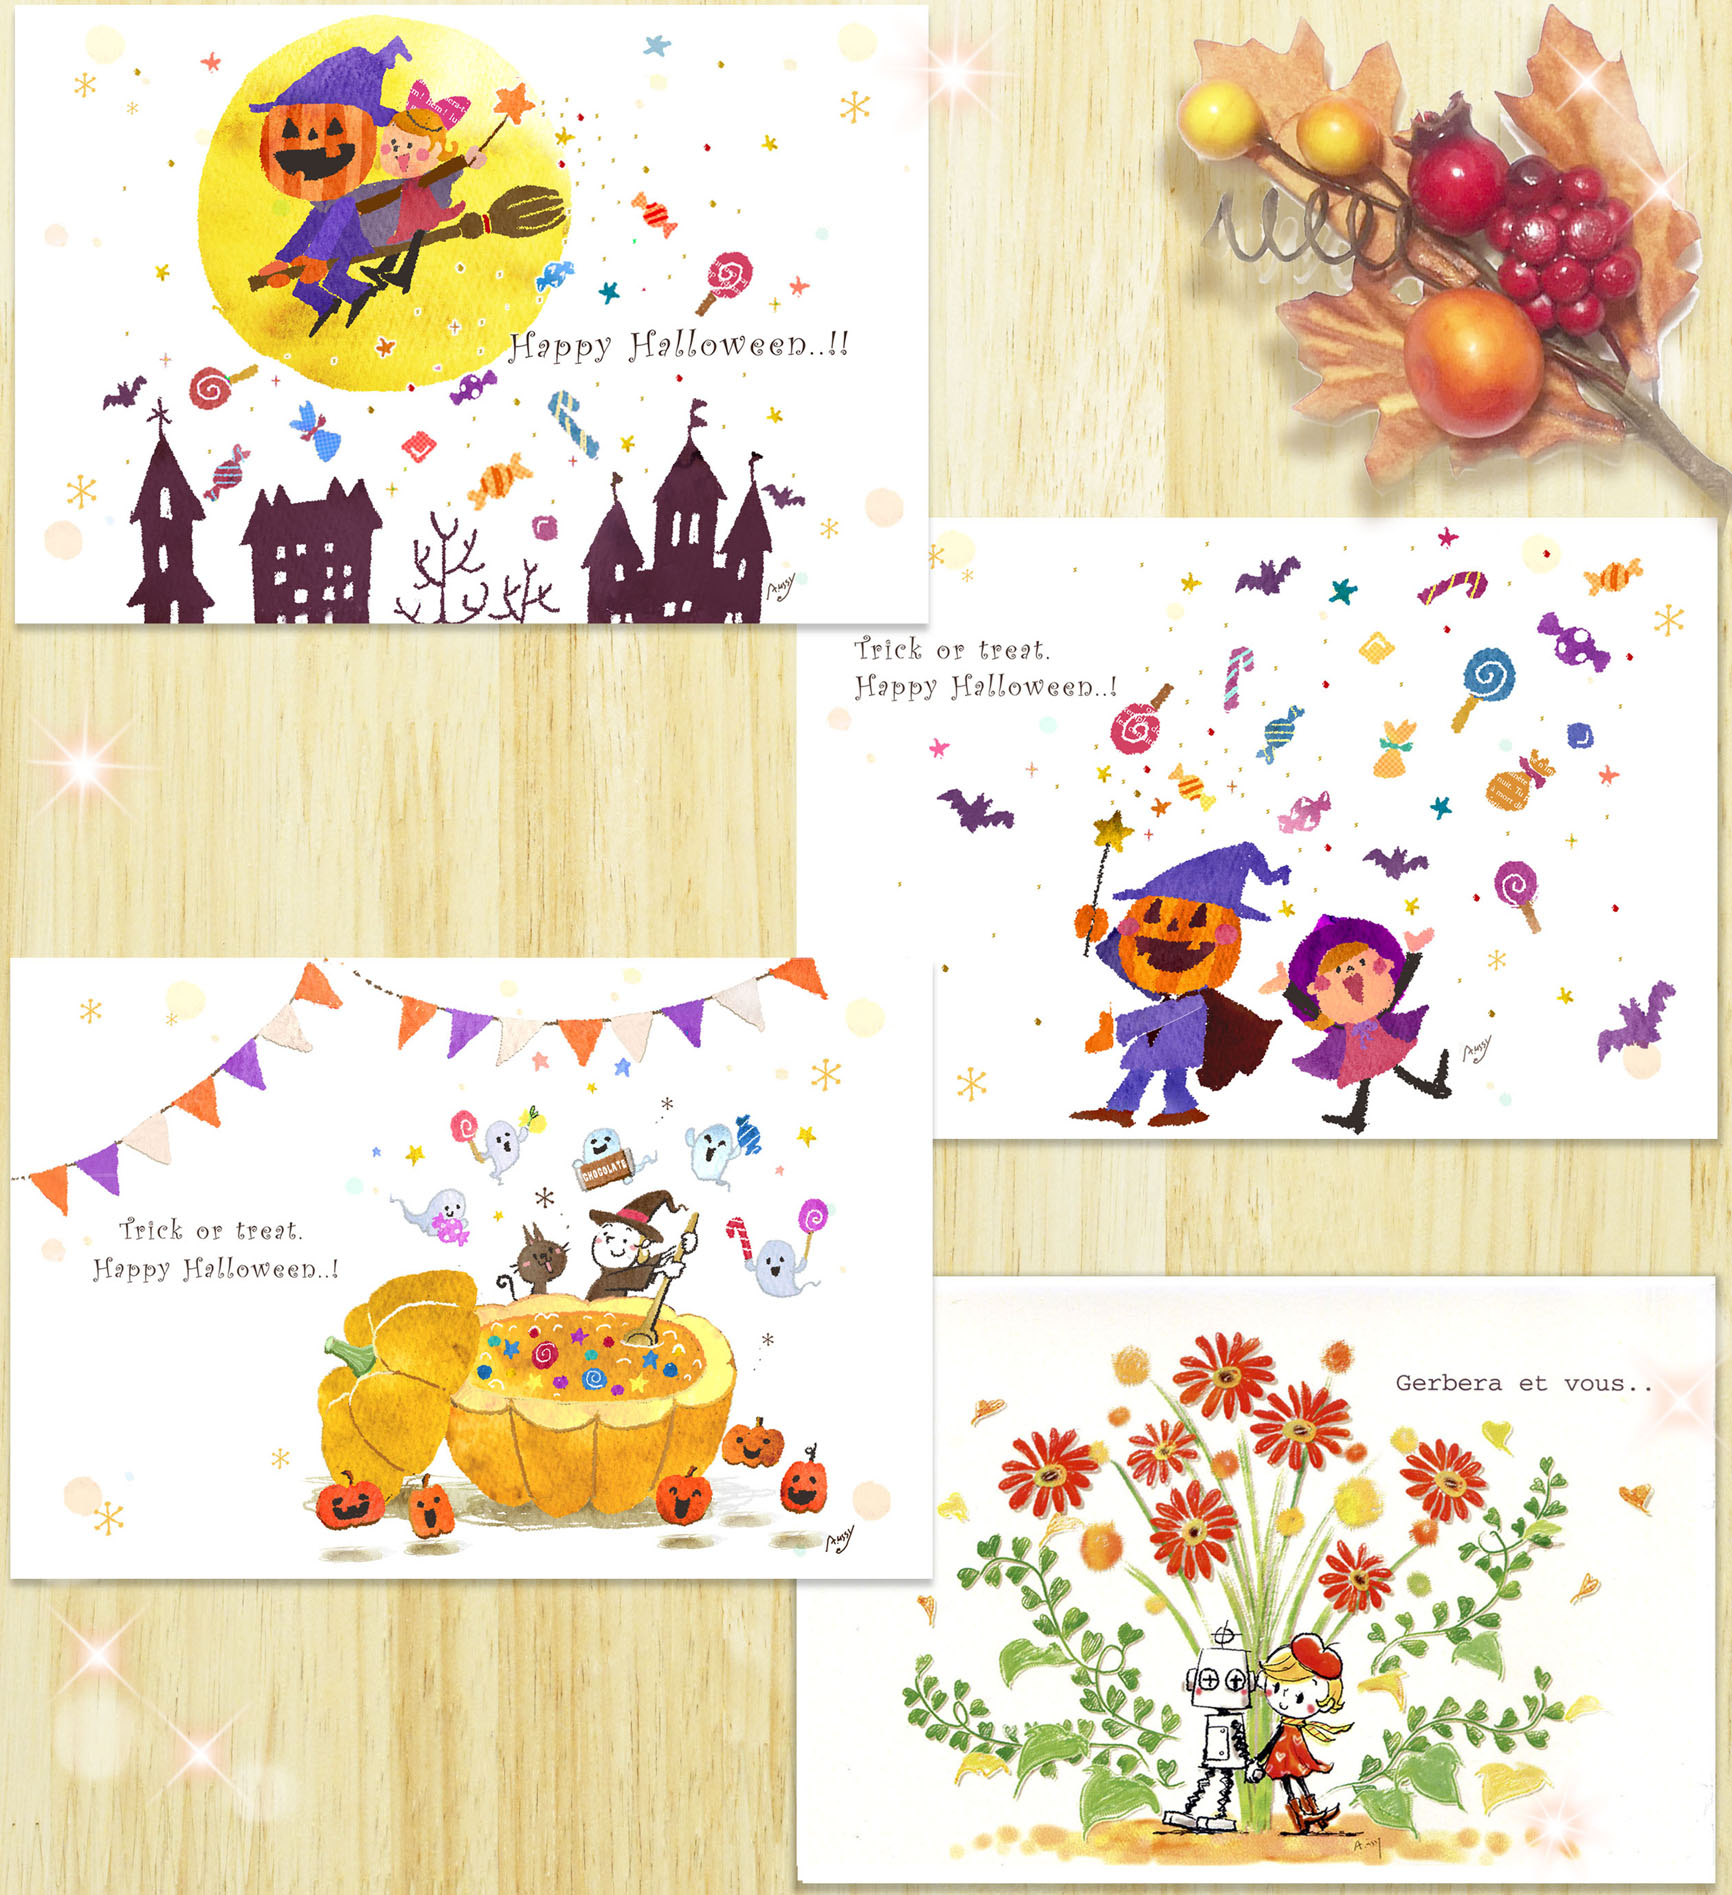 ポストカード<br>『ハロウィン&秋のガーベラカードセット』